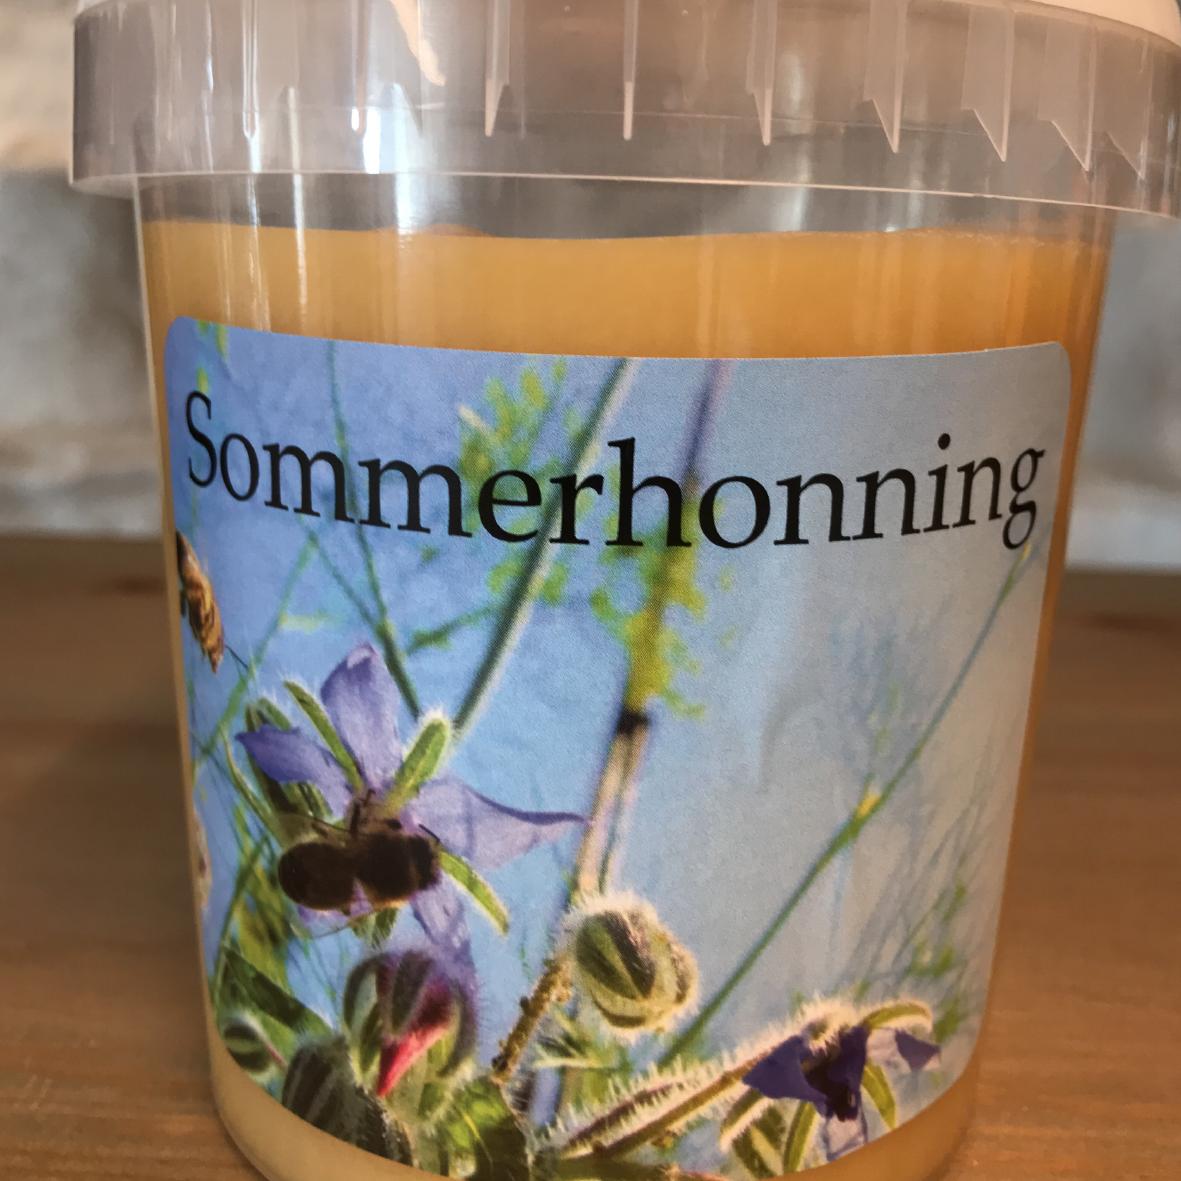 Honning fra Vettre & Heggedal